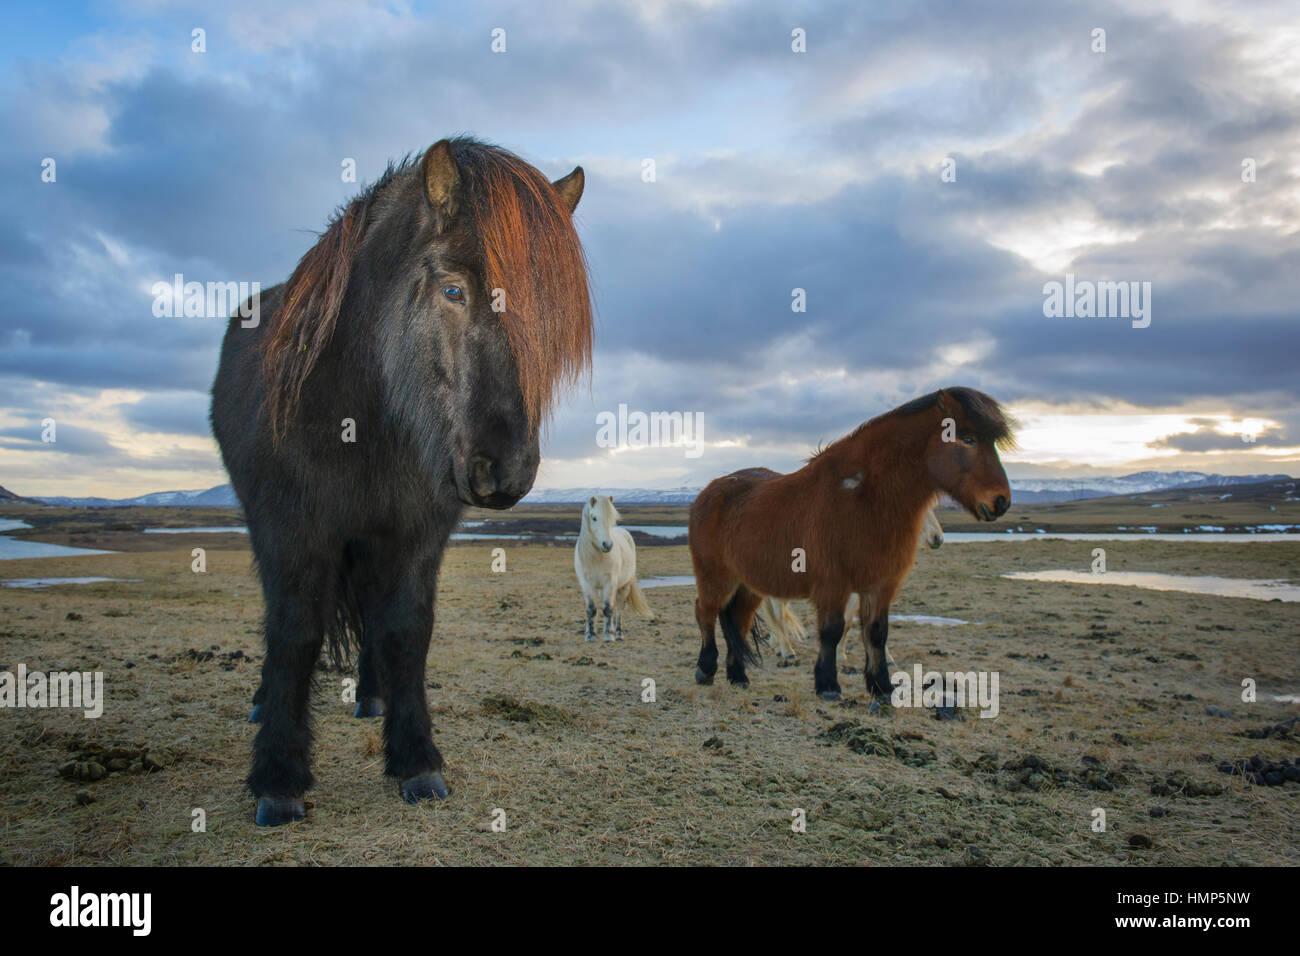 Icelandic horse (Eguus cabballus) portrait in Icelandic landscape, Iceland. - Stock Image